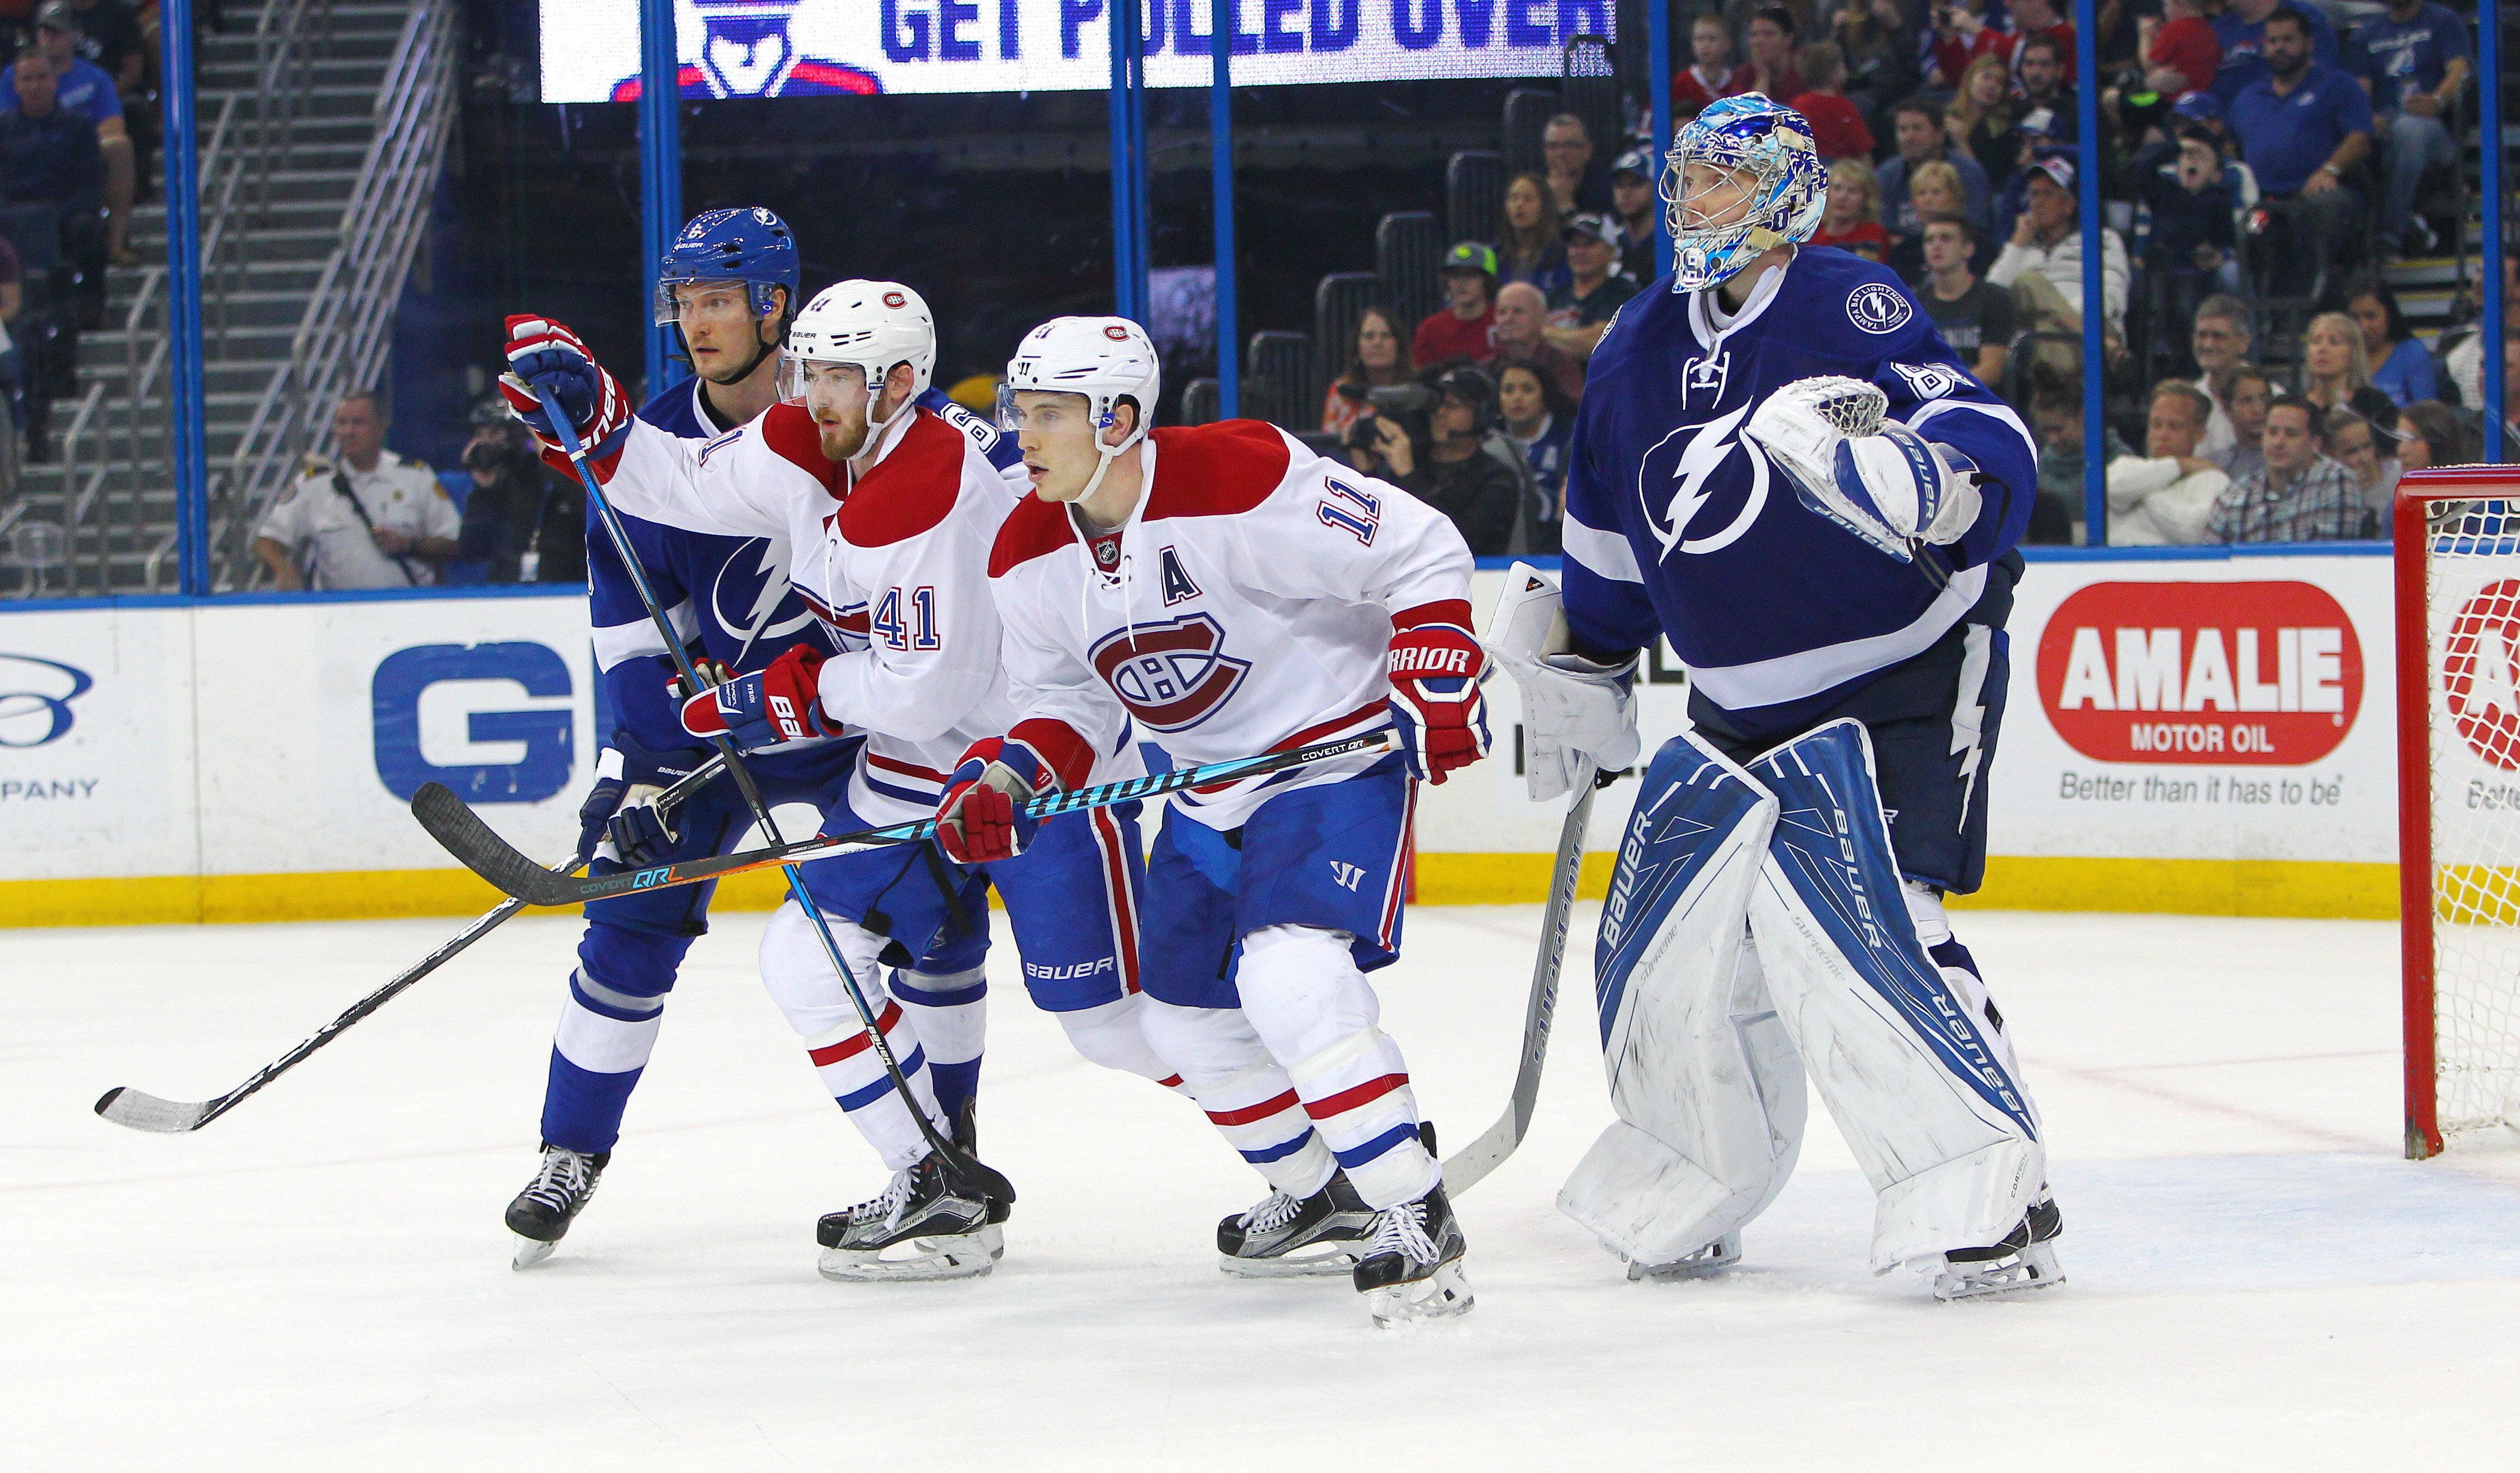 NHL: DEC 28 Canadiens at Lightning